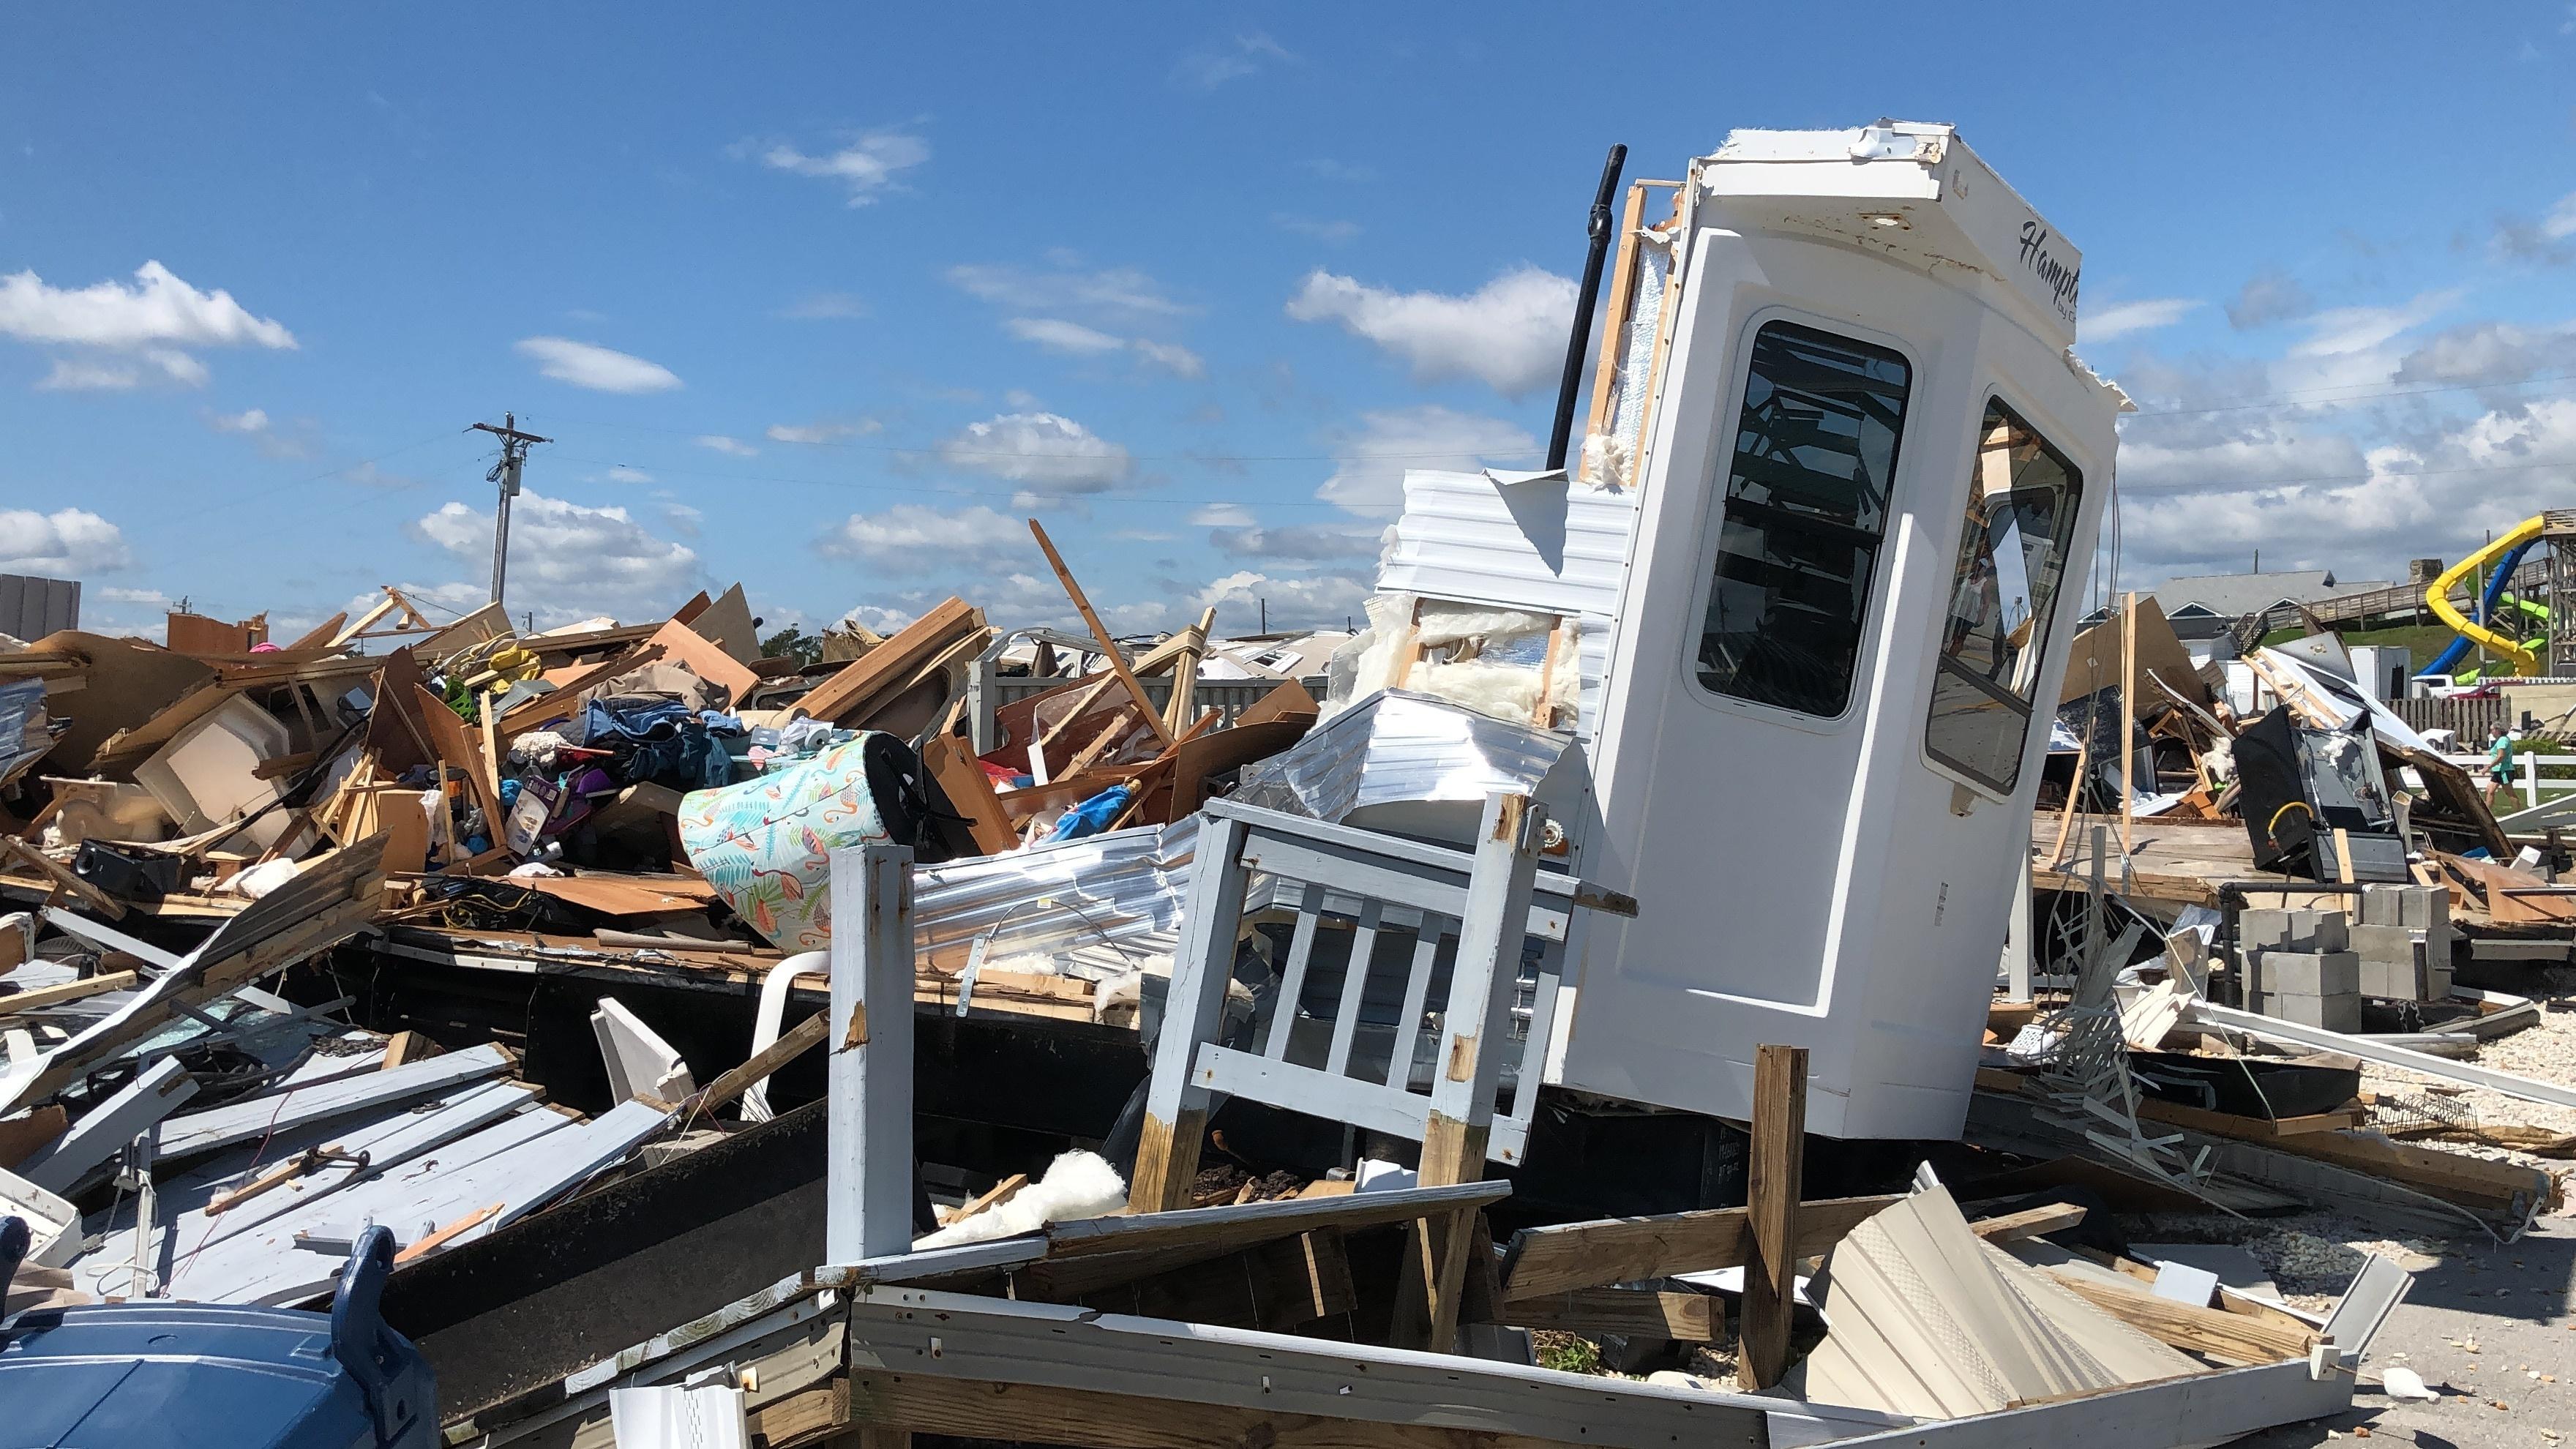 جانب من الدمار الذي خلفه الإعصار دوريان في جزيرة إمرولد